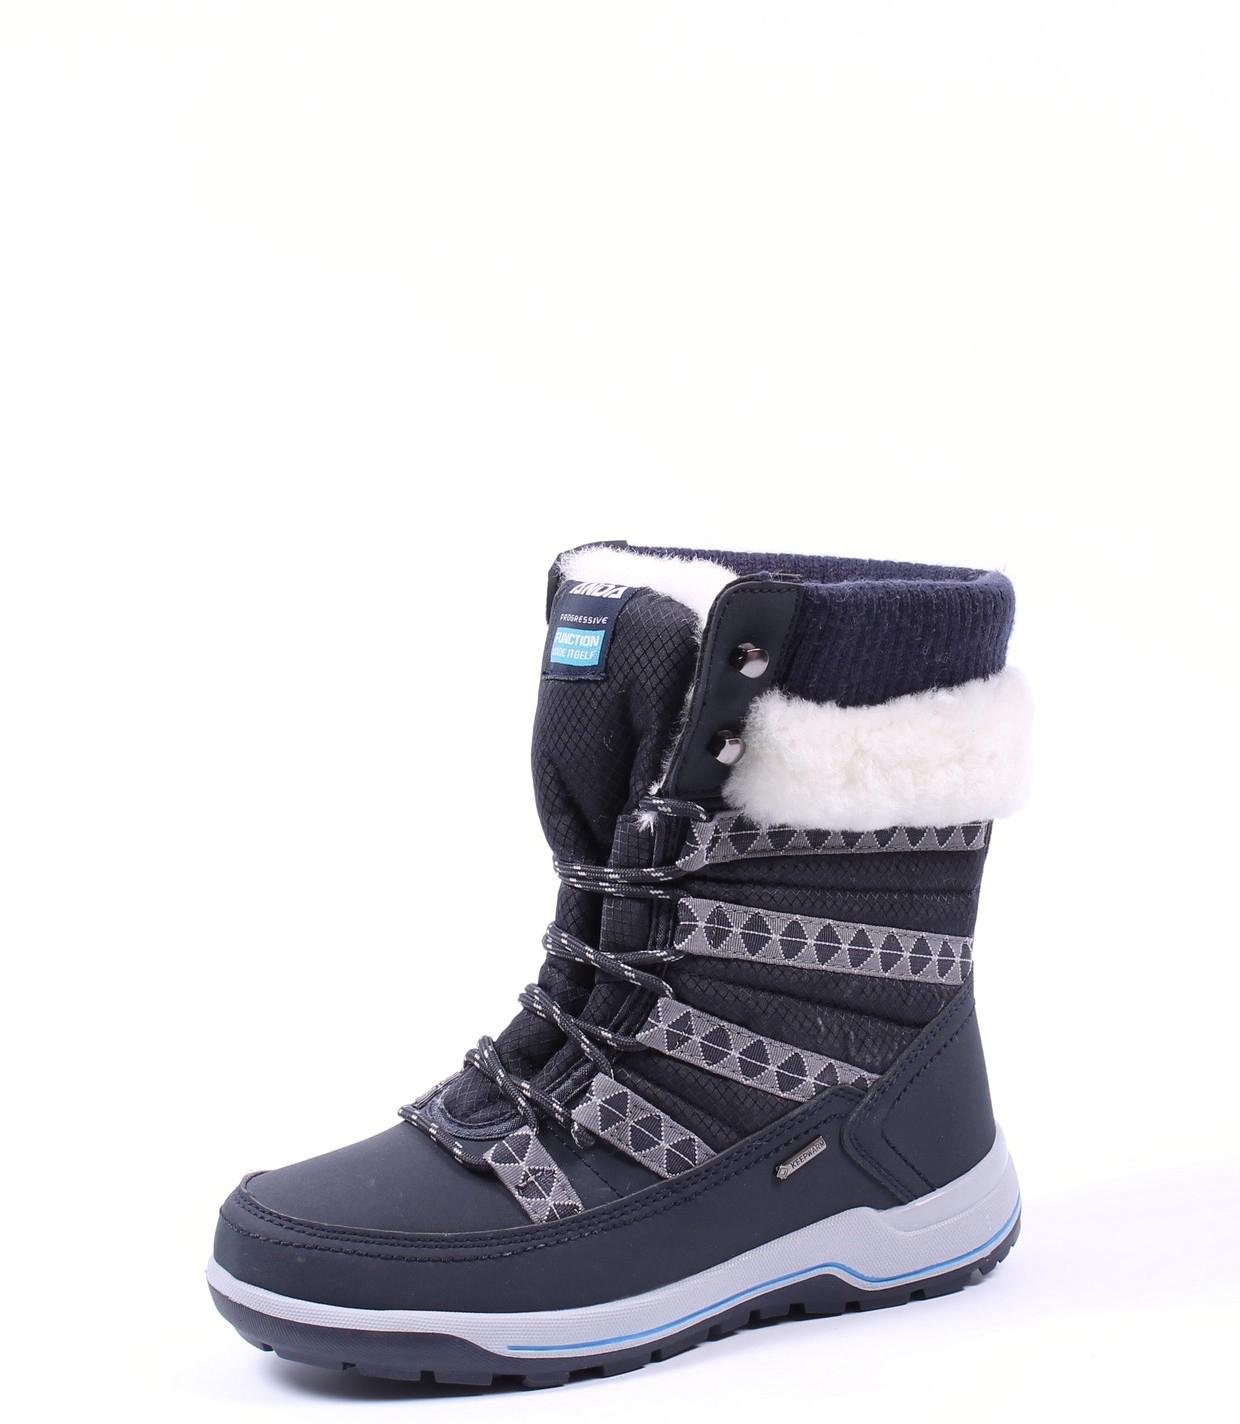 Зимние ботинки и кроссовки из натуральных материалов от 1125 руб. Выкуп-1